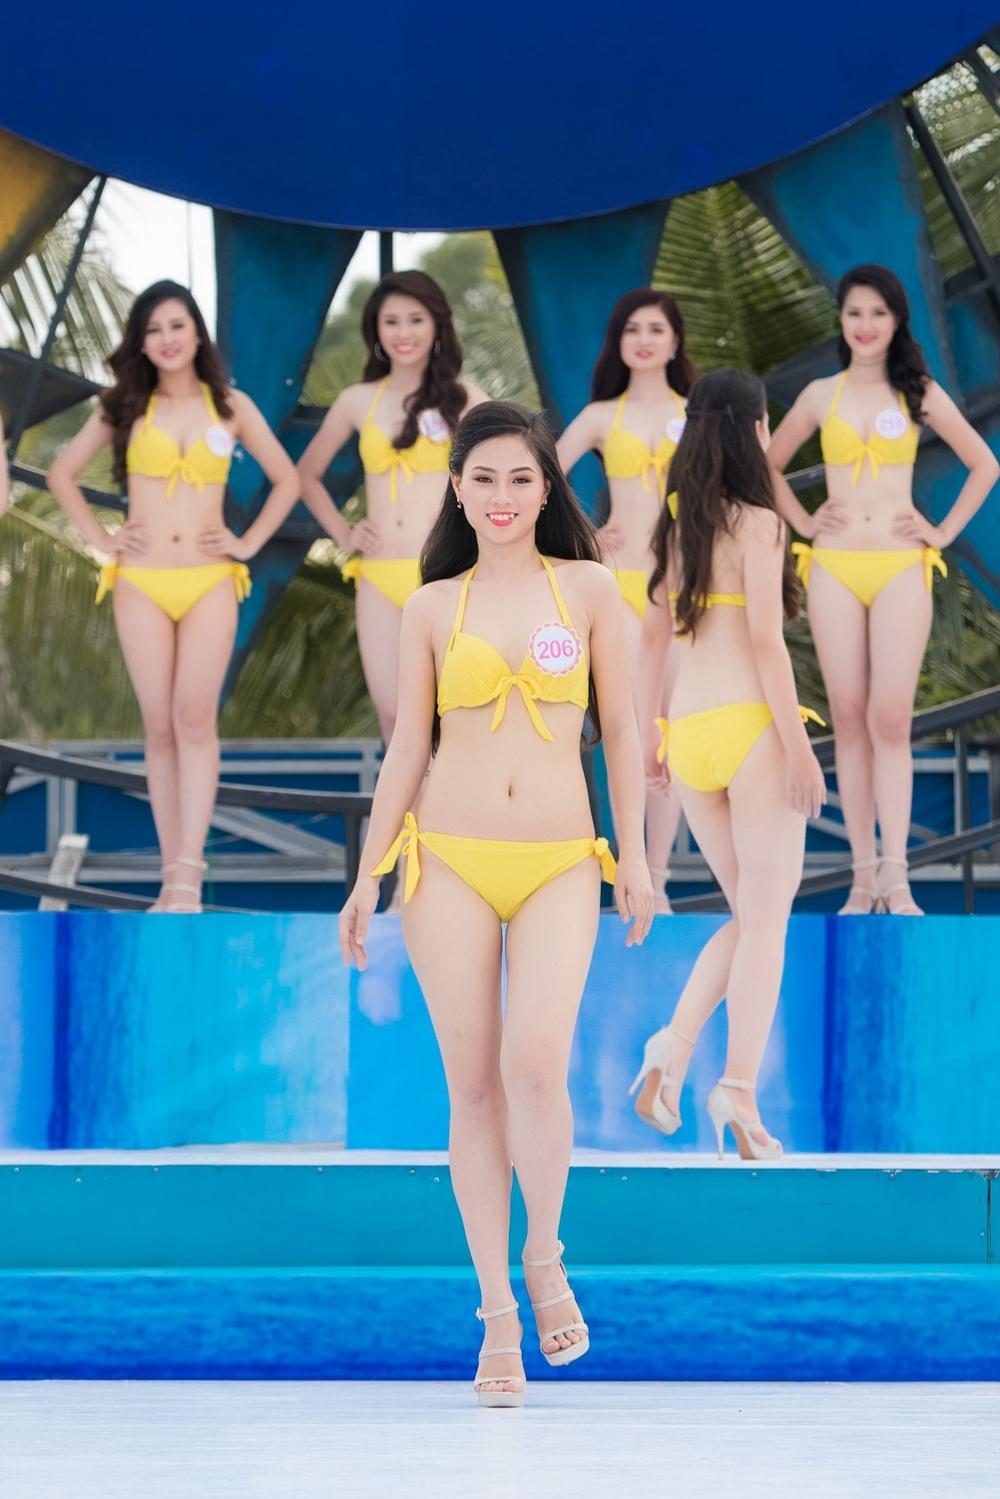 8 - Hoang Thi Phuong Thao SBD 206 a